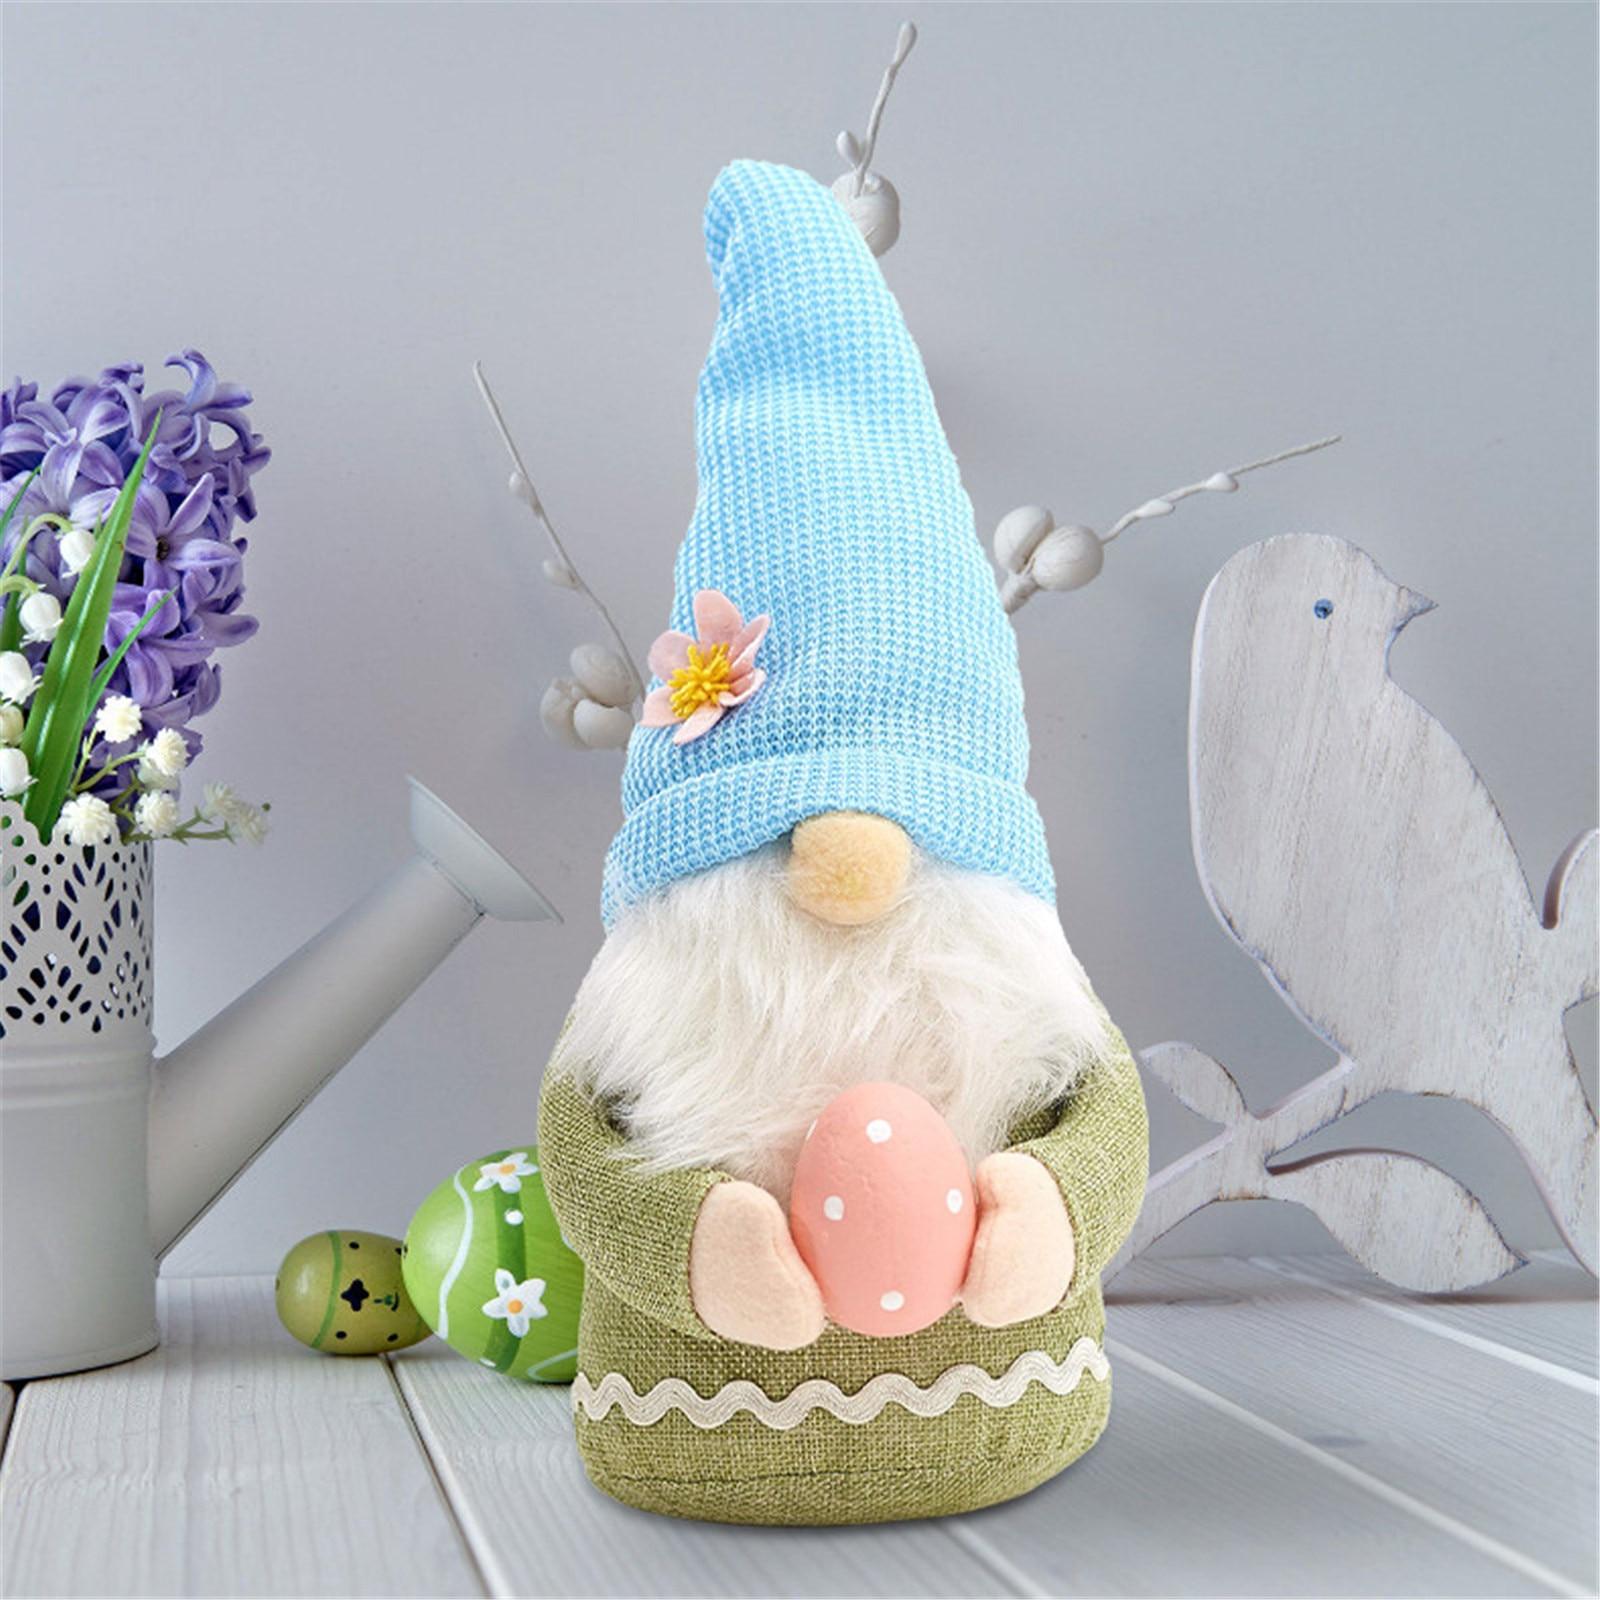 Пасхальная Коллекционная кукла гнома, Шведский гном, плюшевый кролик Tomte ручной работы, домашнее праздничное украшение, весеннее украшение,...